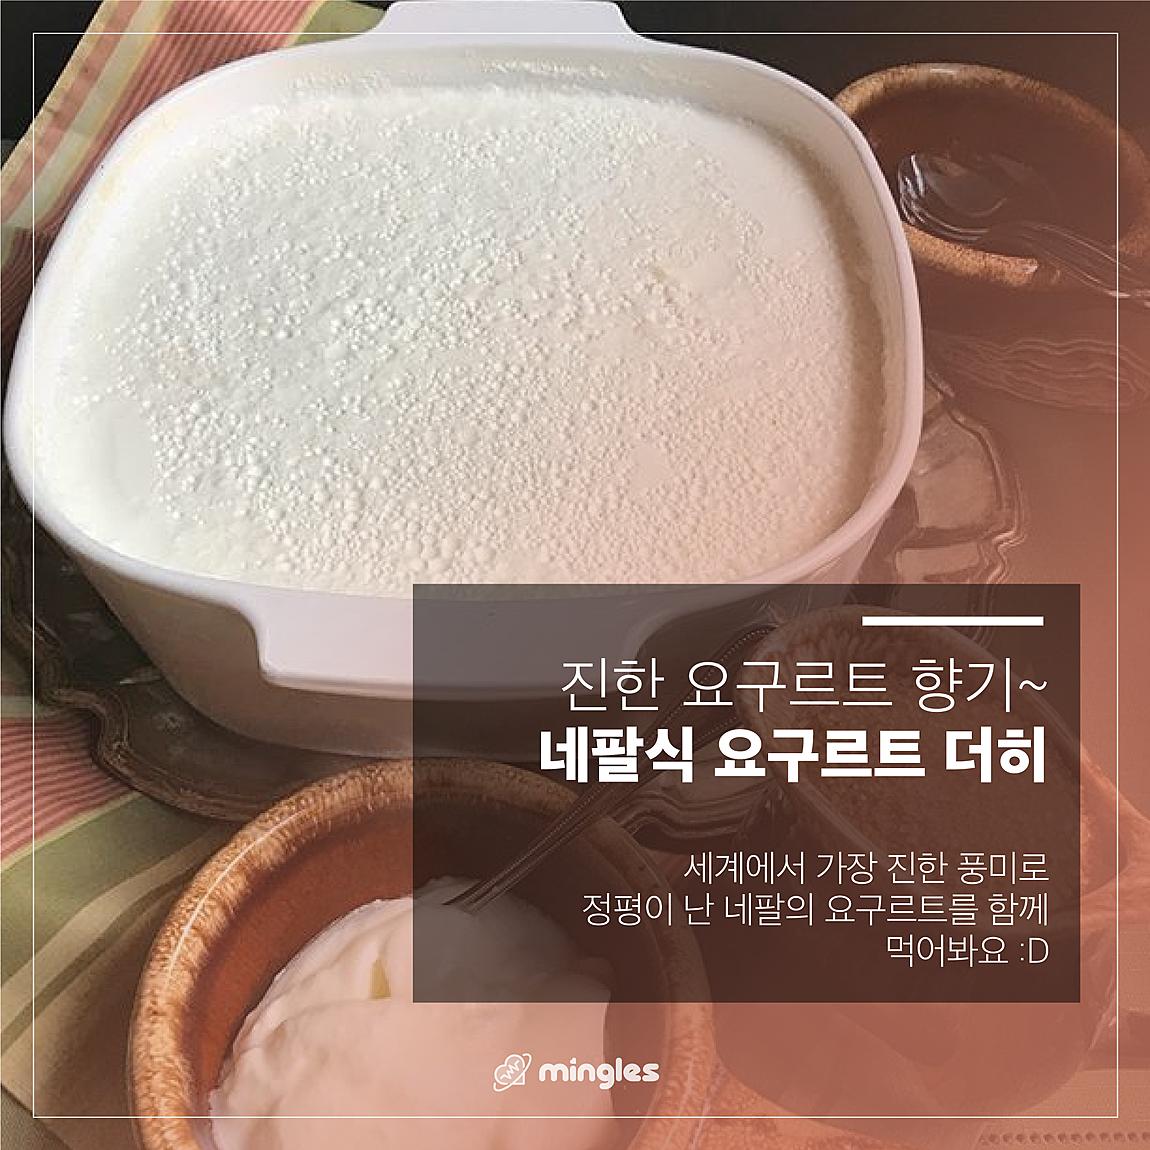 [비정상 수잔 × 룸비니 레스토랑] 네팔 달달 디저트 5종 쿠킹 + 먹파티 XD